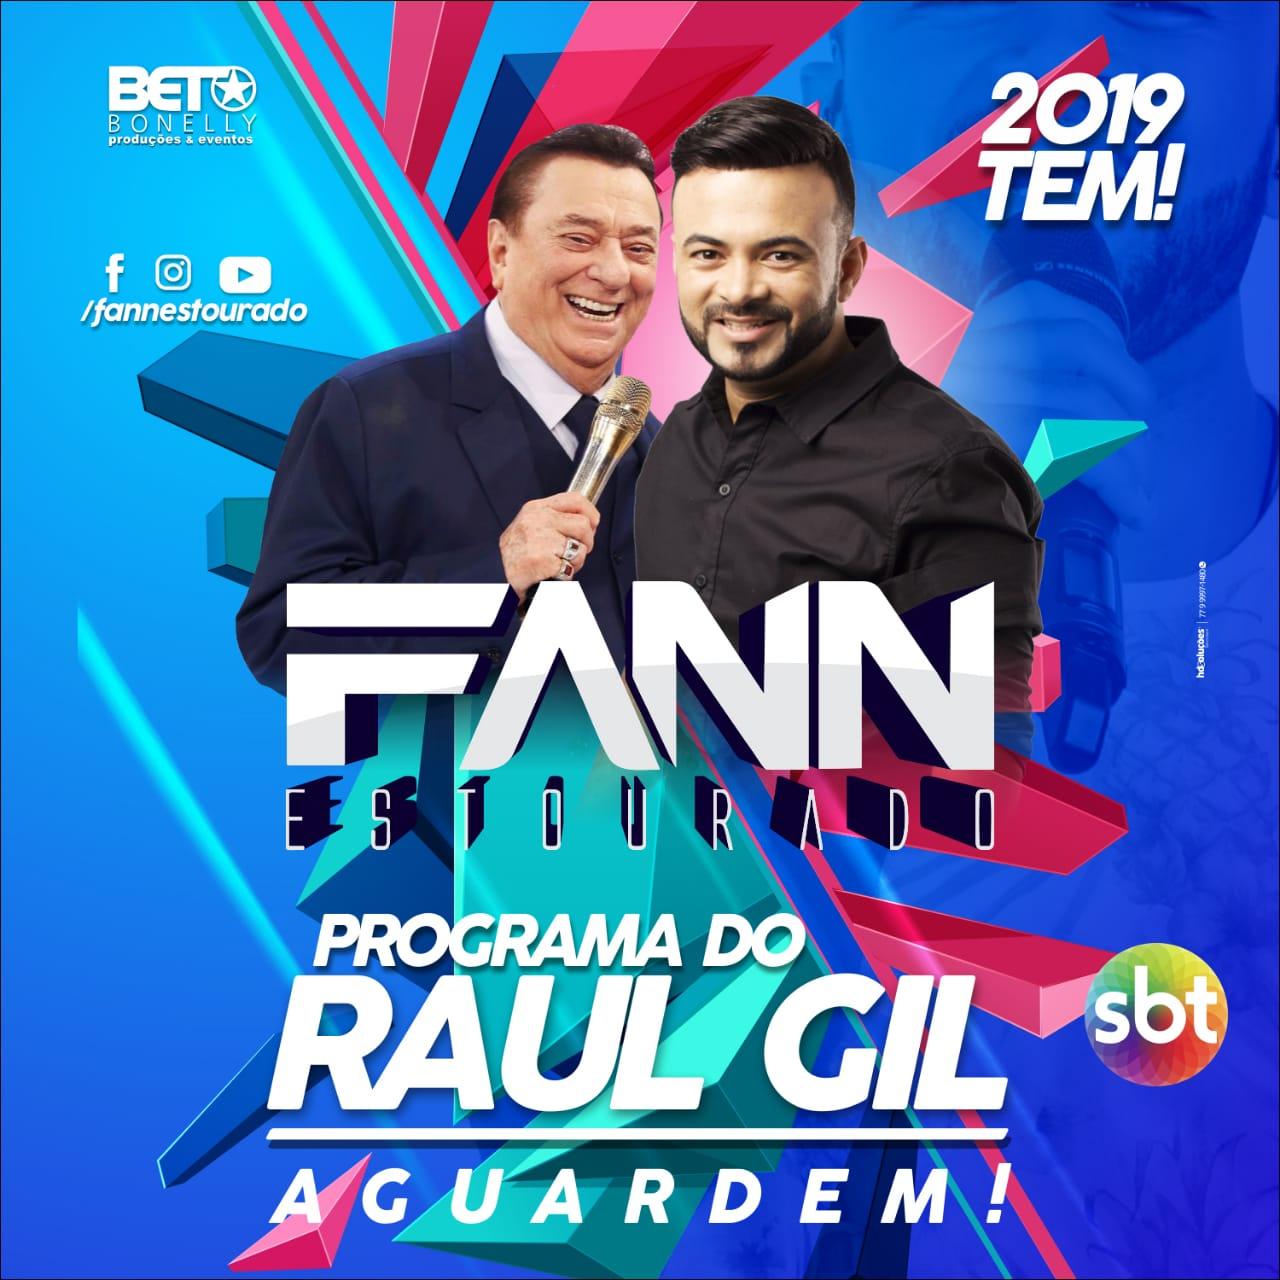 Confirmada a apresentação em 2019 de Fann Estourado no Programa Raul Gil do SBT